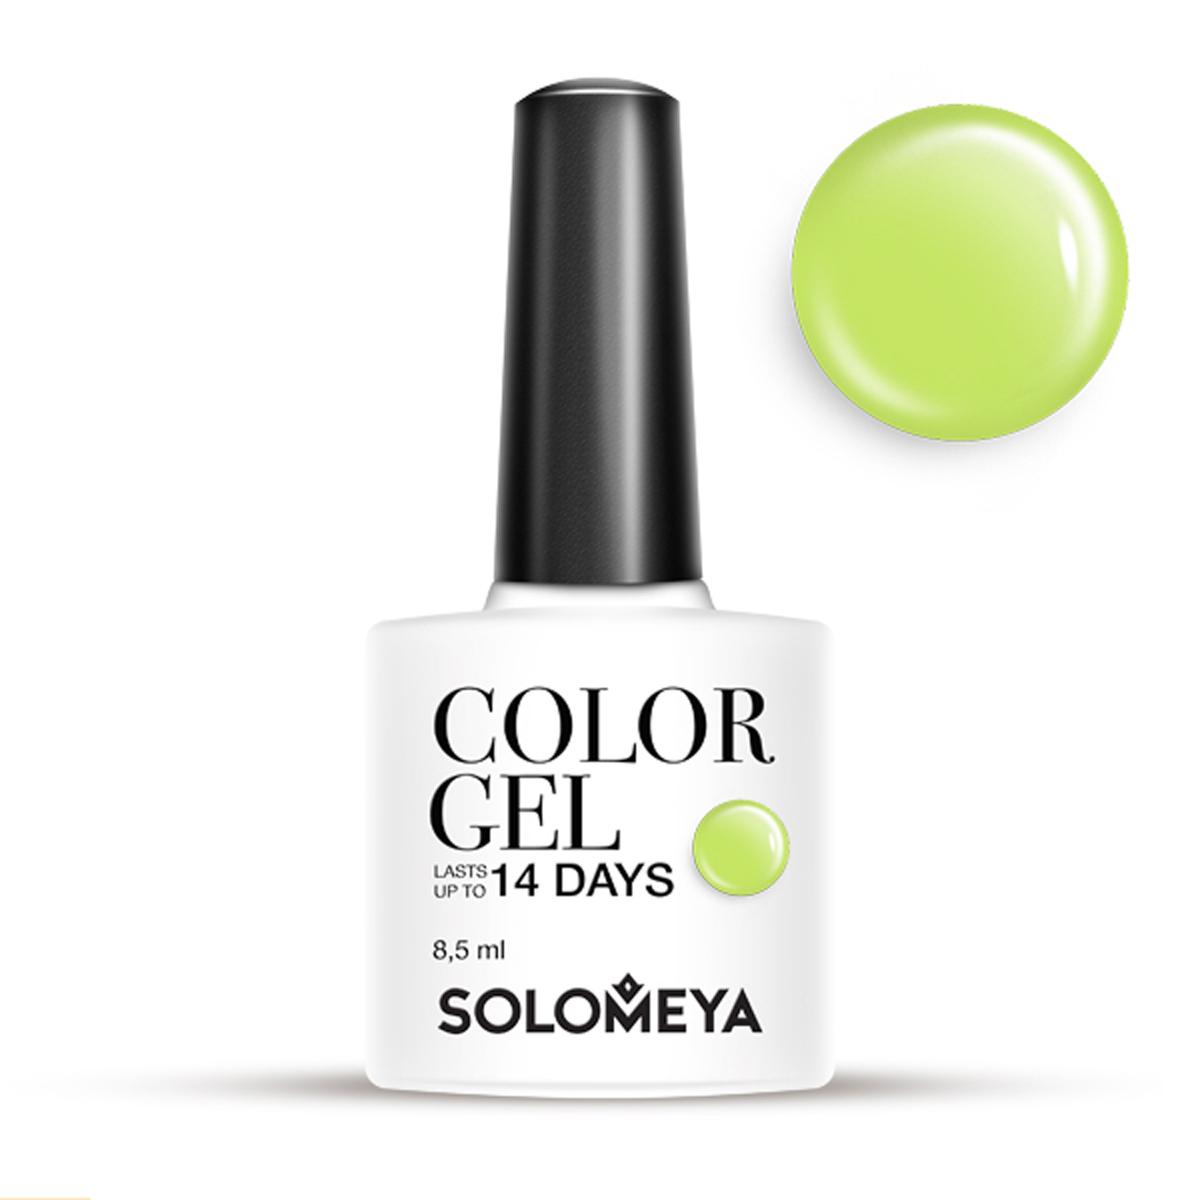 Купить со скидкой SOLOMEYA Гель-лак для ногтей SCG166 Фисташка / Color Gel Pistachio 8,5 мл